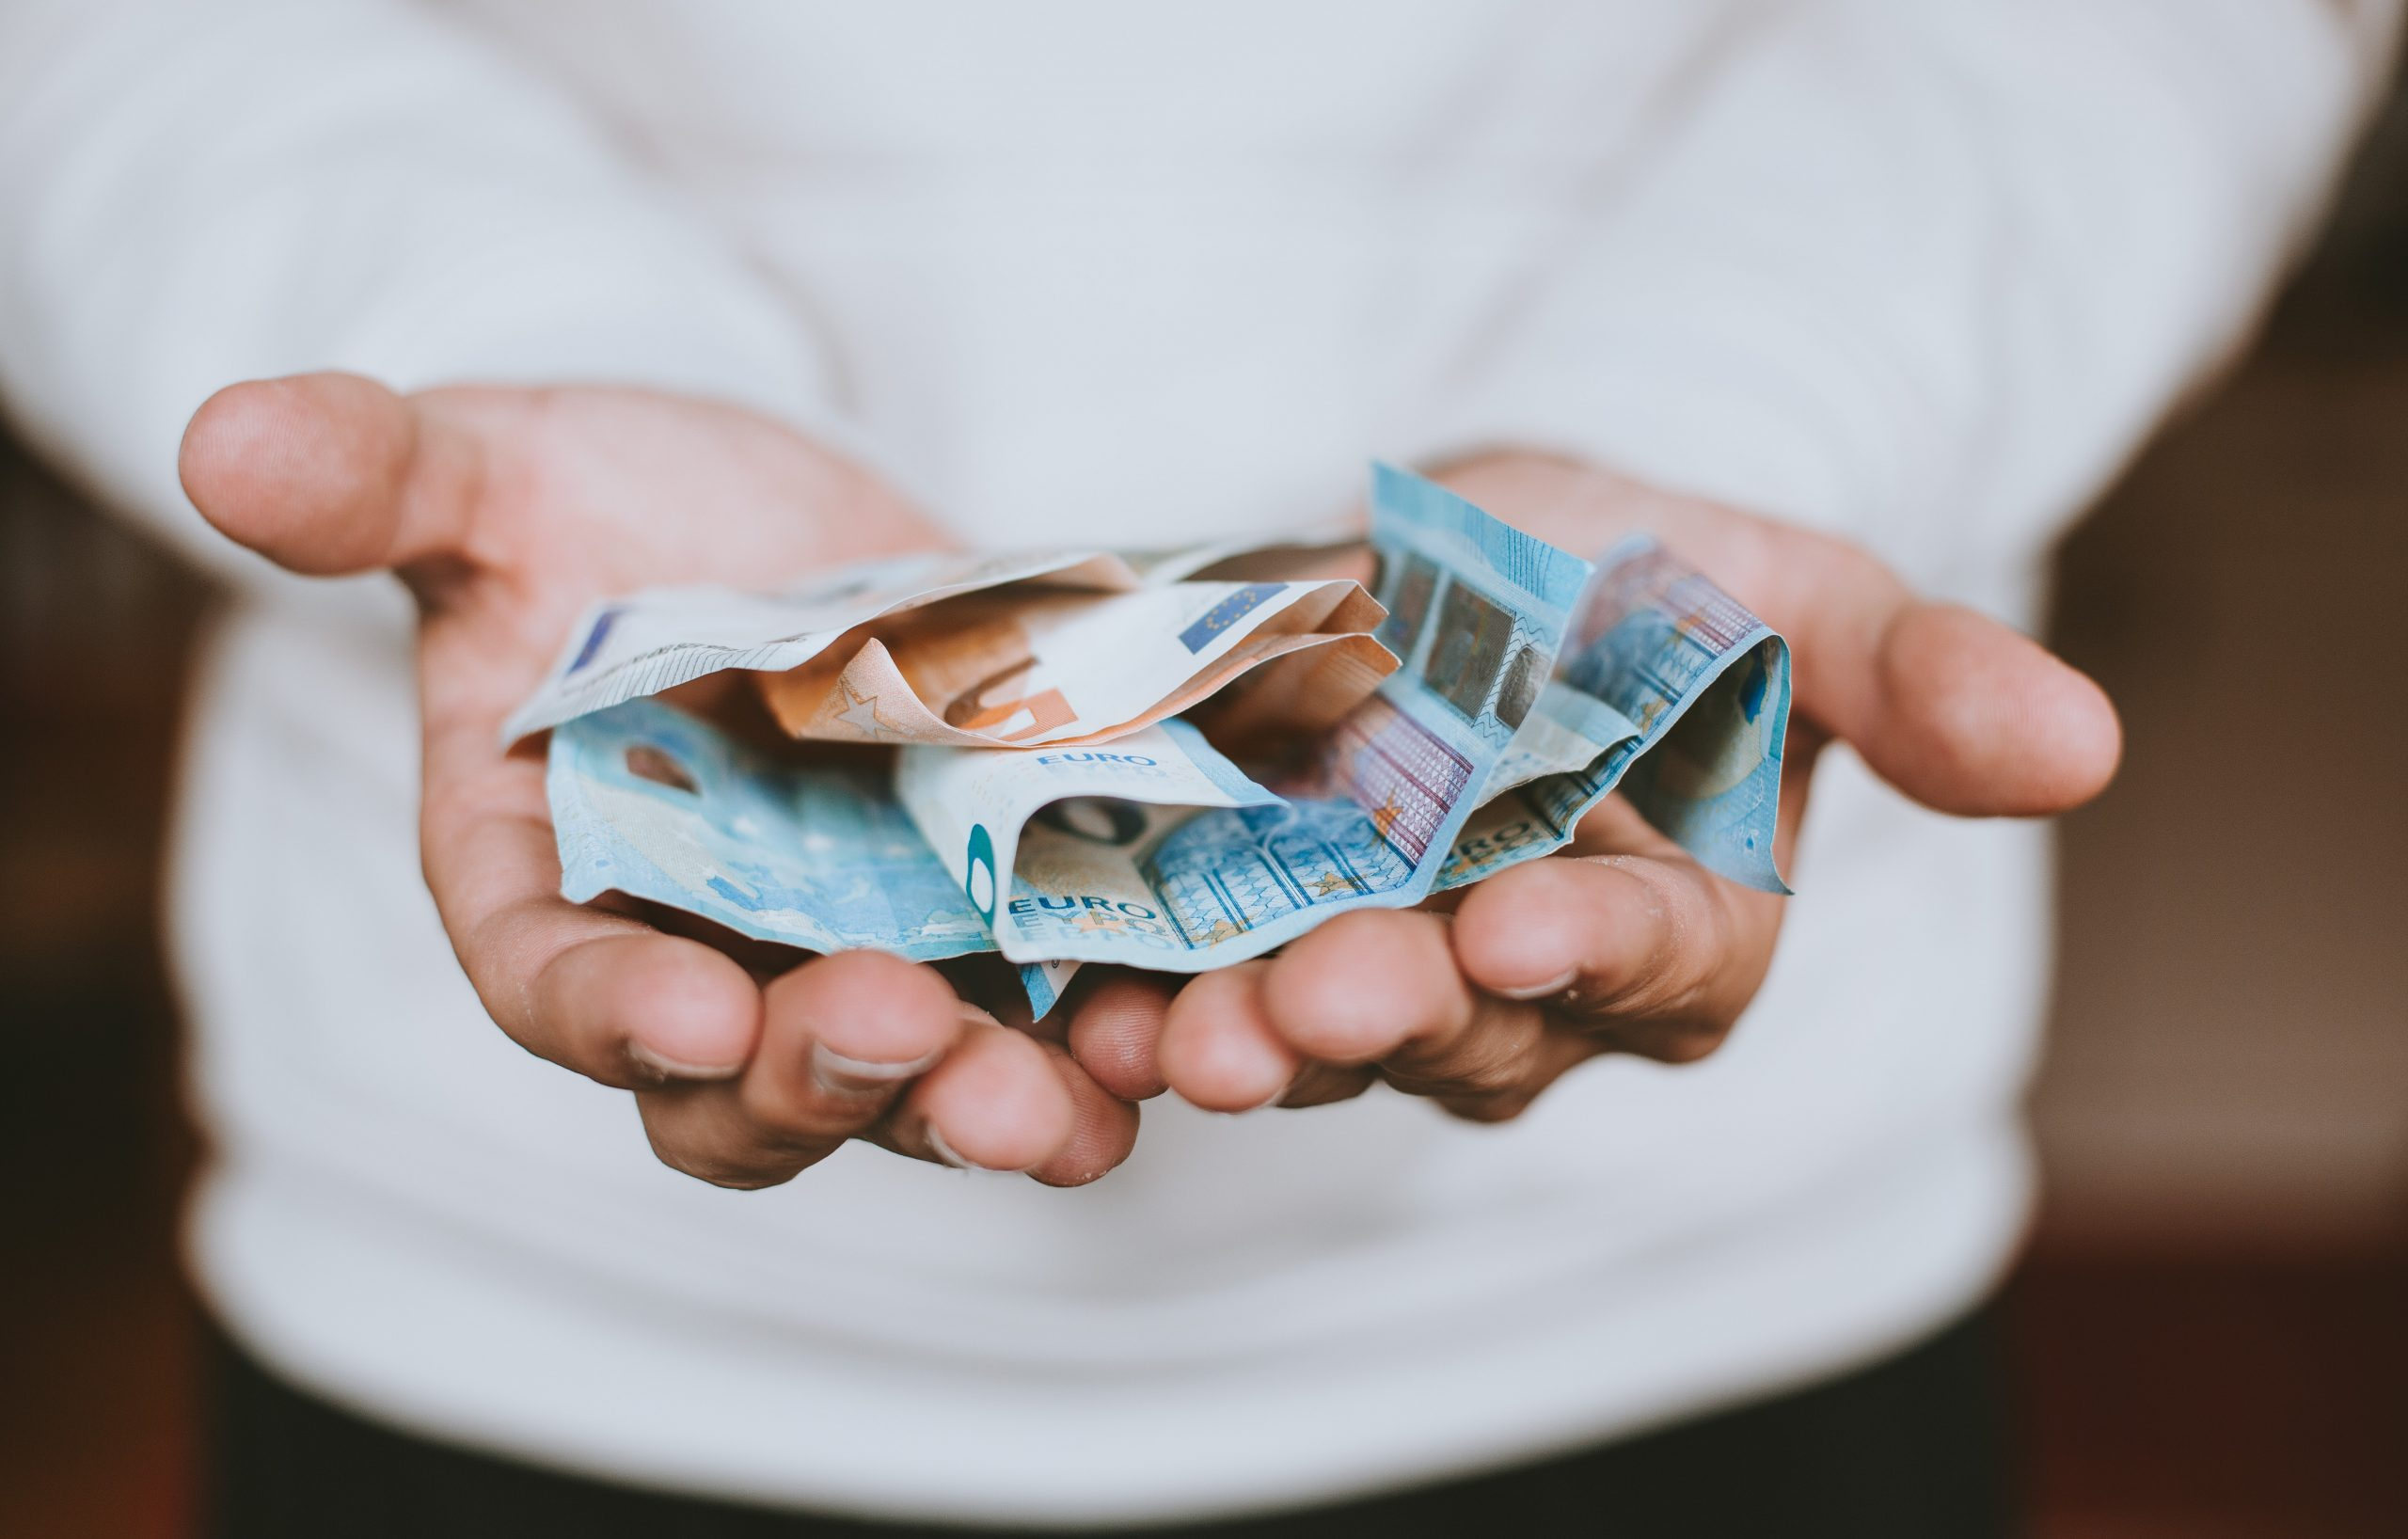 Investuotojo patarimai startuoliams, siekiantiems pritraukti finansavimą